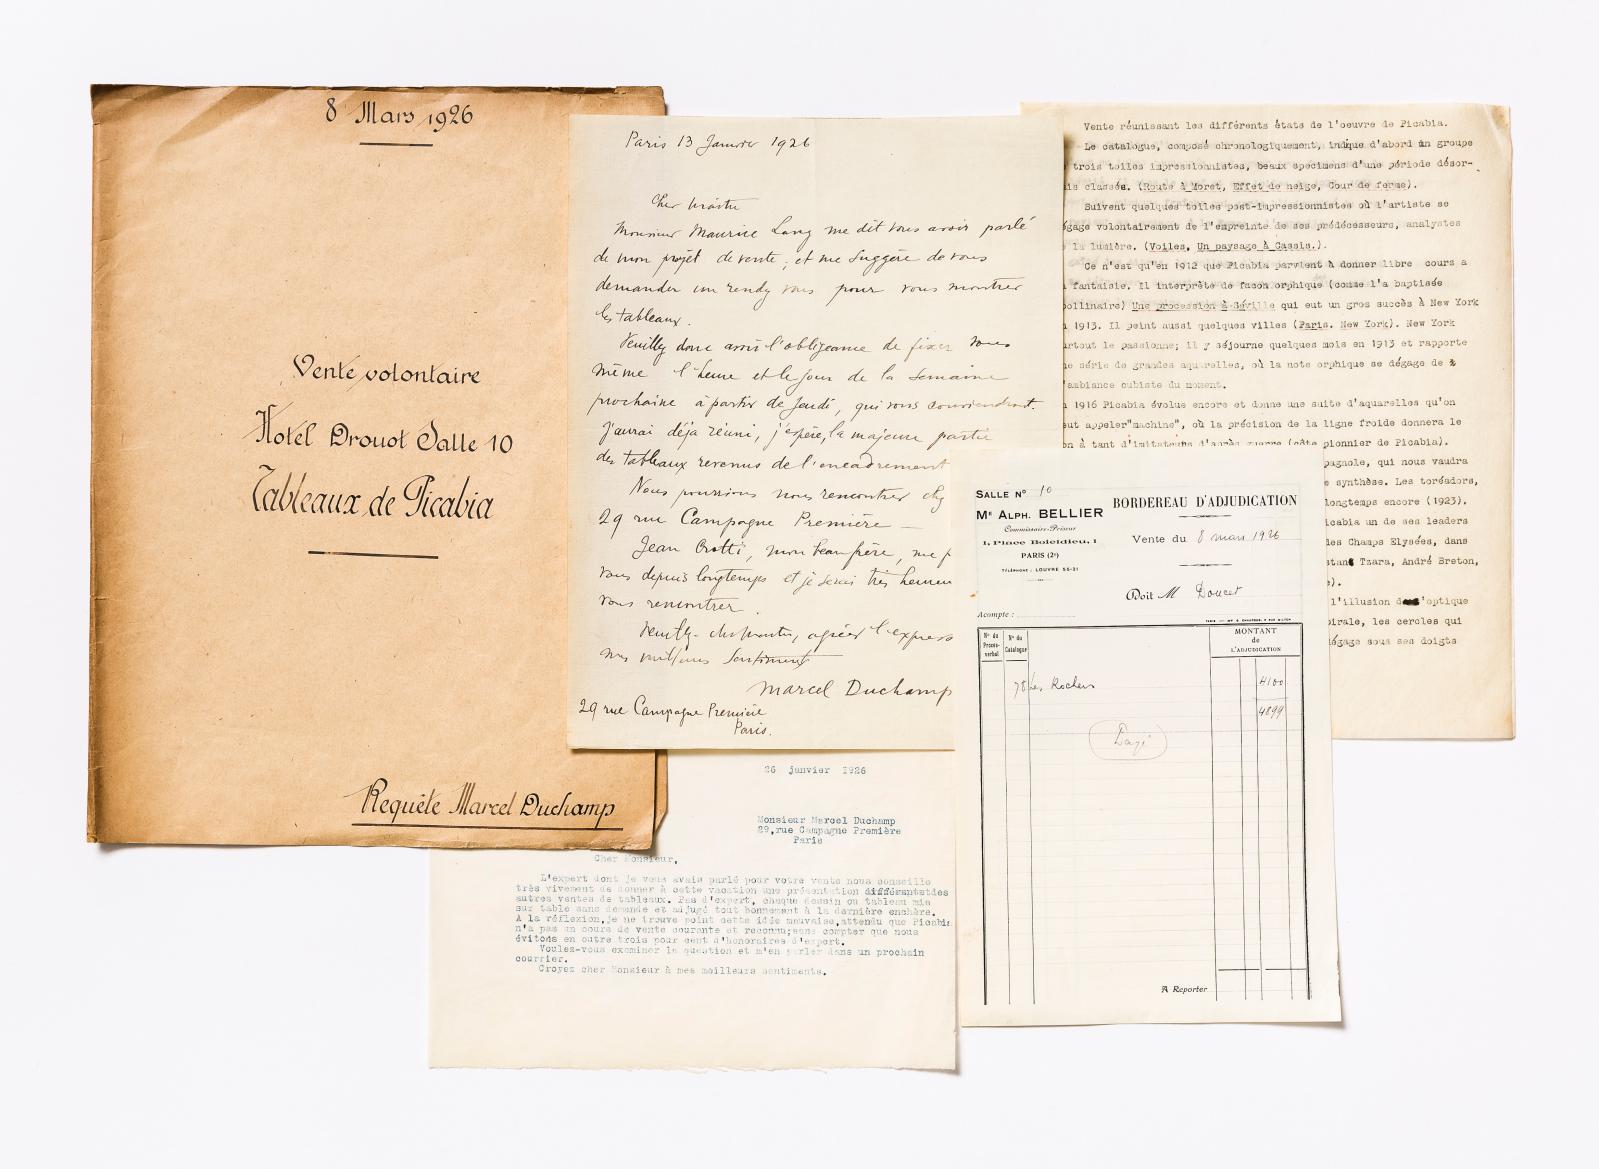 Dossier de la vente de la collection de tableaux de Francis Picabia appartenant à Marcel Duchamp, faite à Drouot le 8mars 1926 par le commissaire-pri